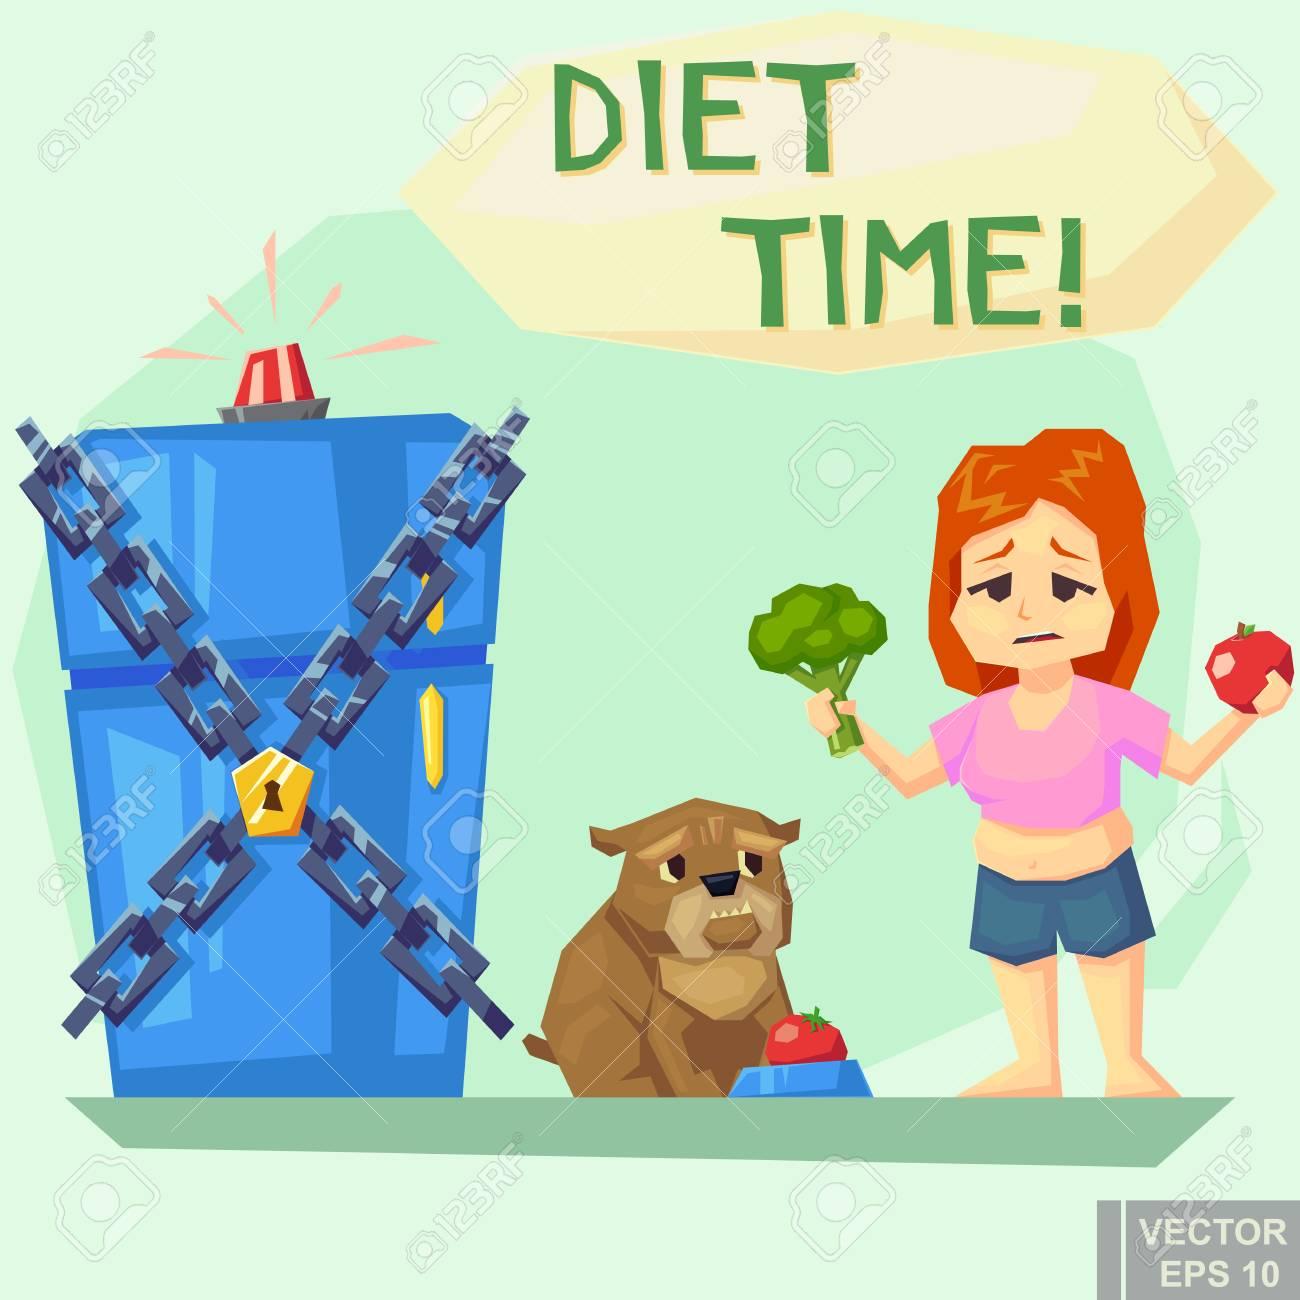 Kühlschrank Mit Kette Verschlossen. Diät-Konzept. Lustige Abbildung